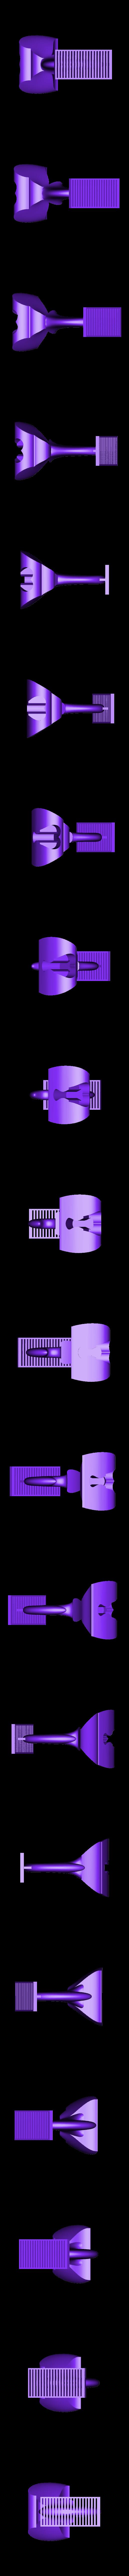 tail.STL Télécharger fichier STL gratuit Portuguese Rooster • Modèle pour imprimante 3D, BEEVERYCREATIVE